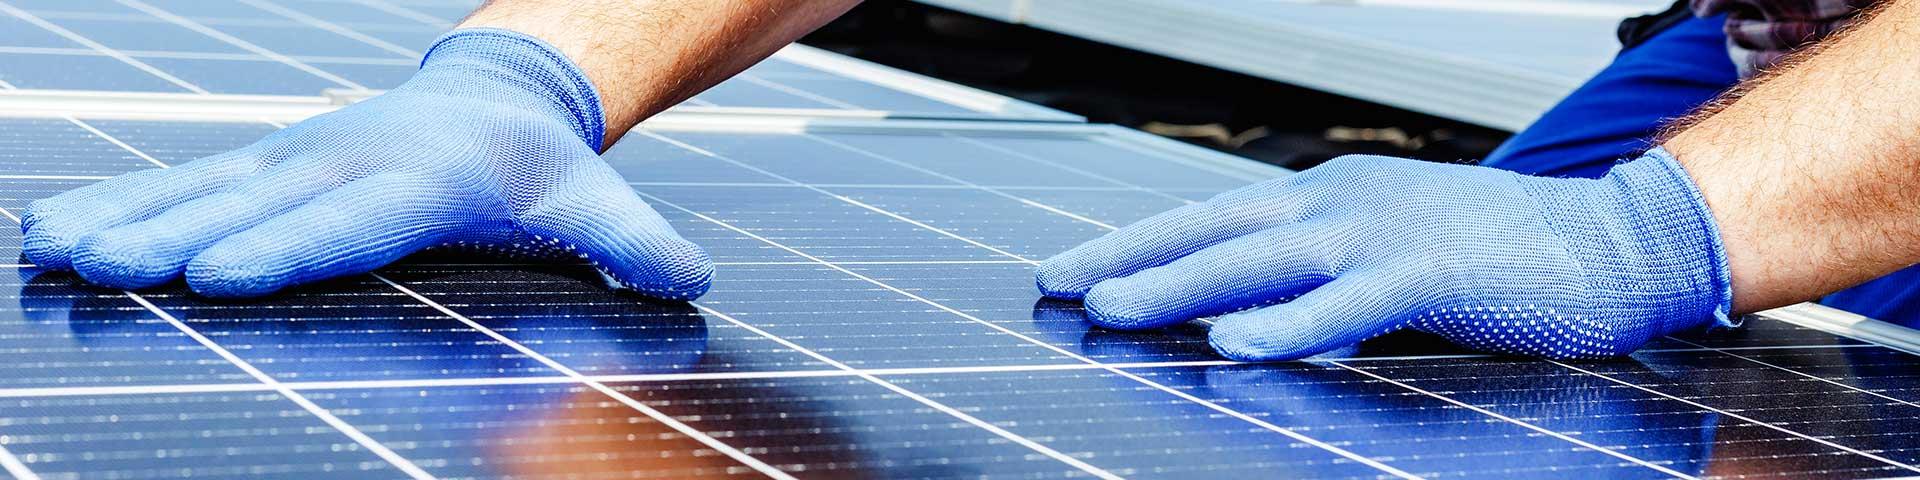 zbliżenie na instalatora montującego panele słoneczne na dachu